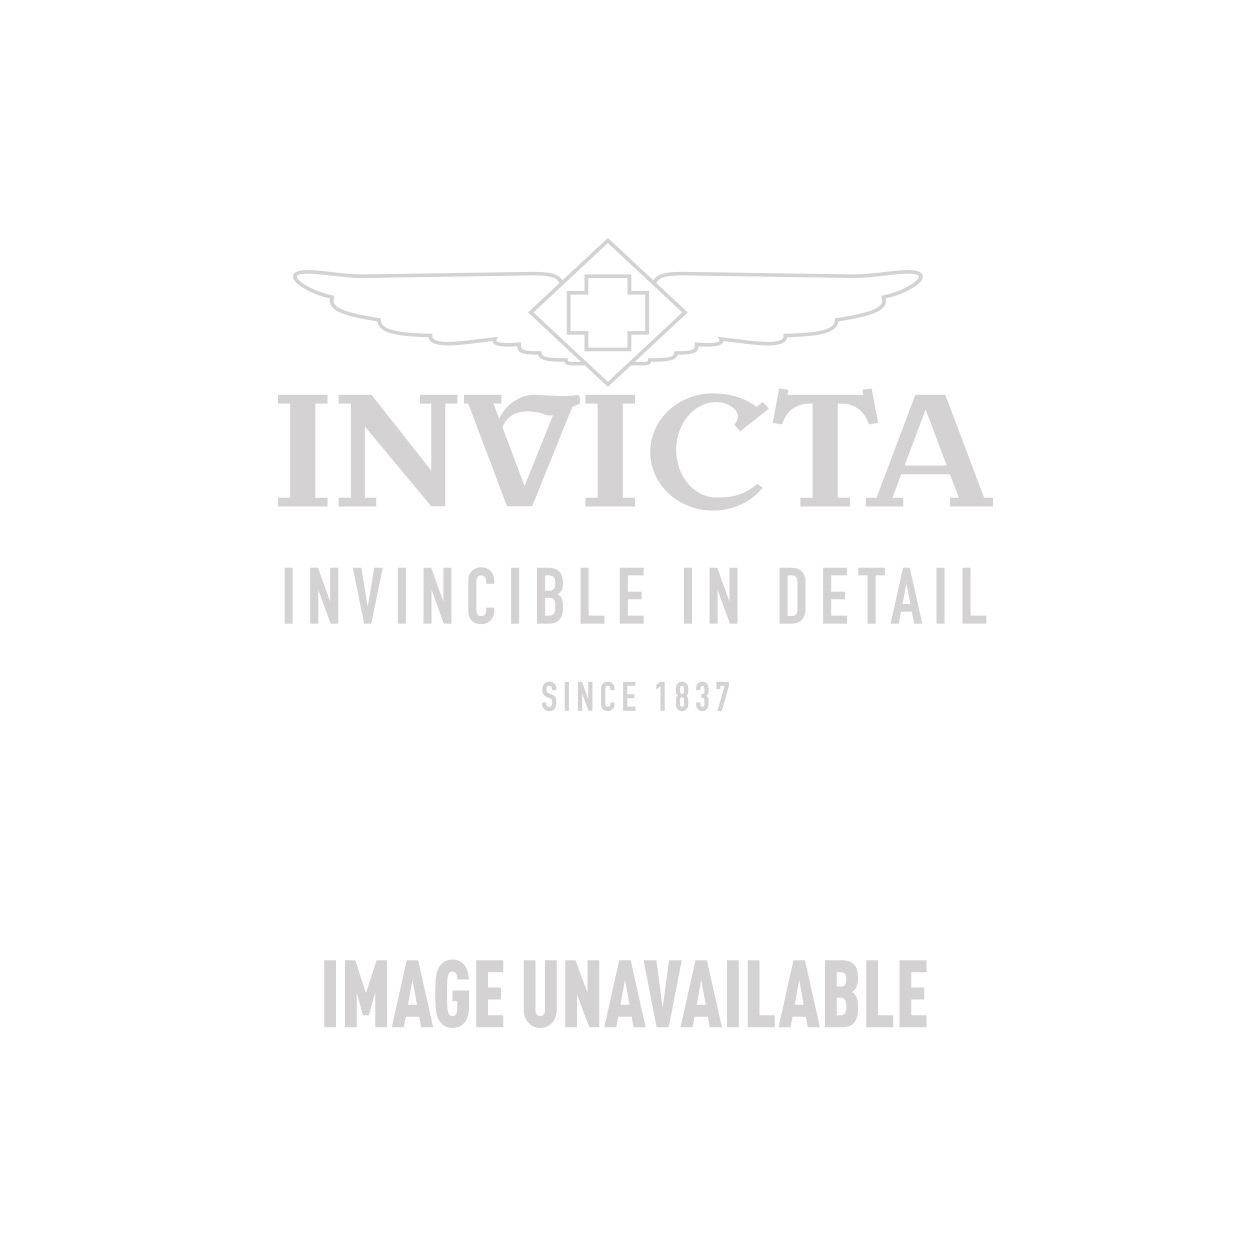 Invicta Model 24199